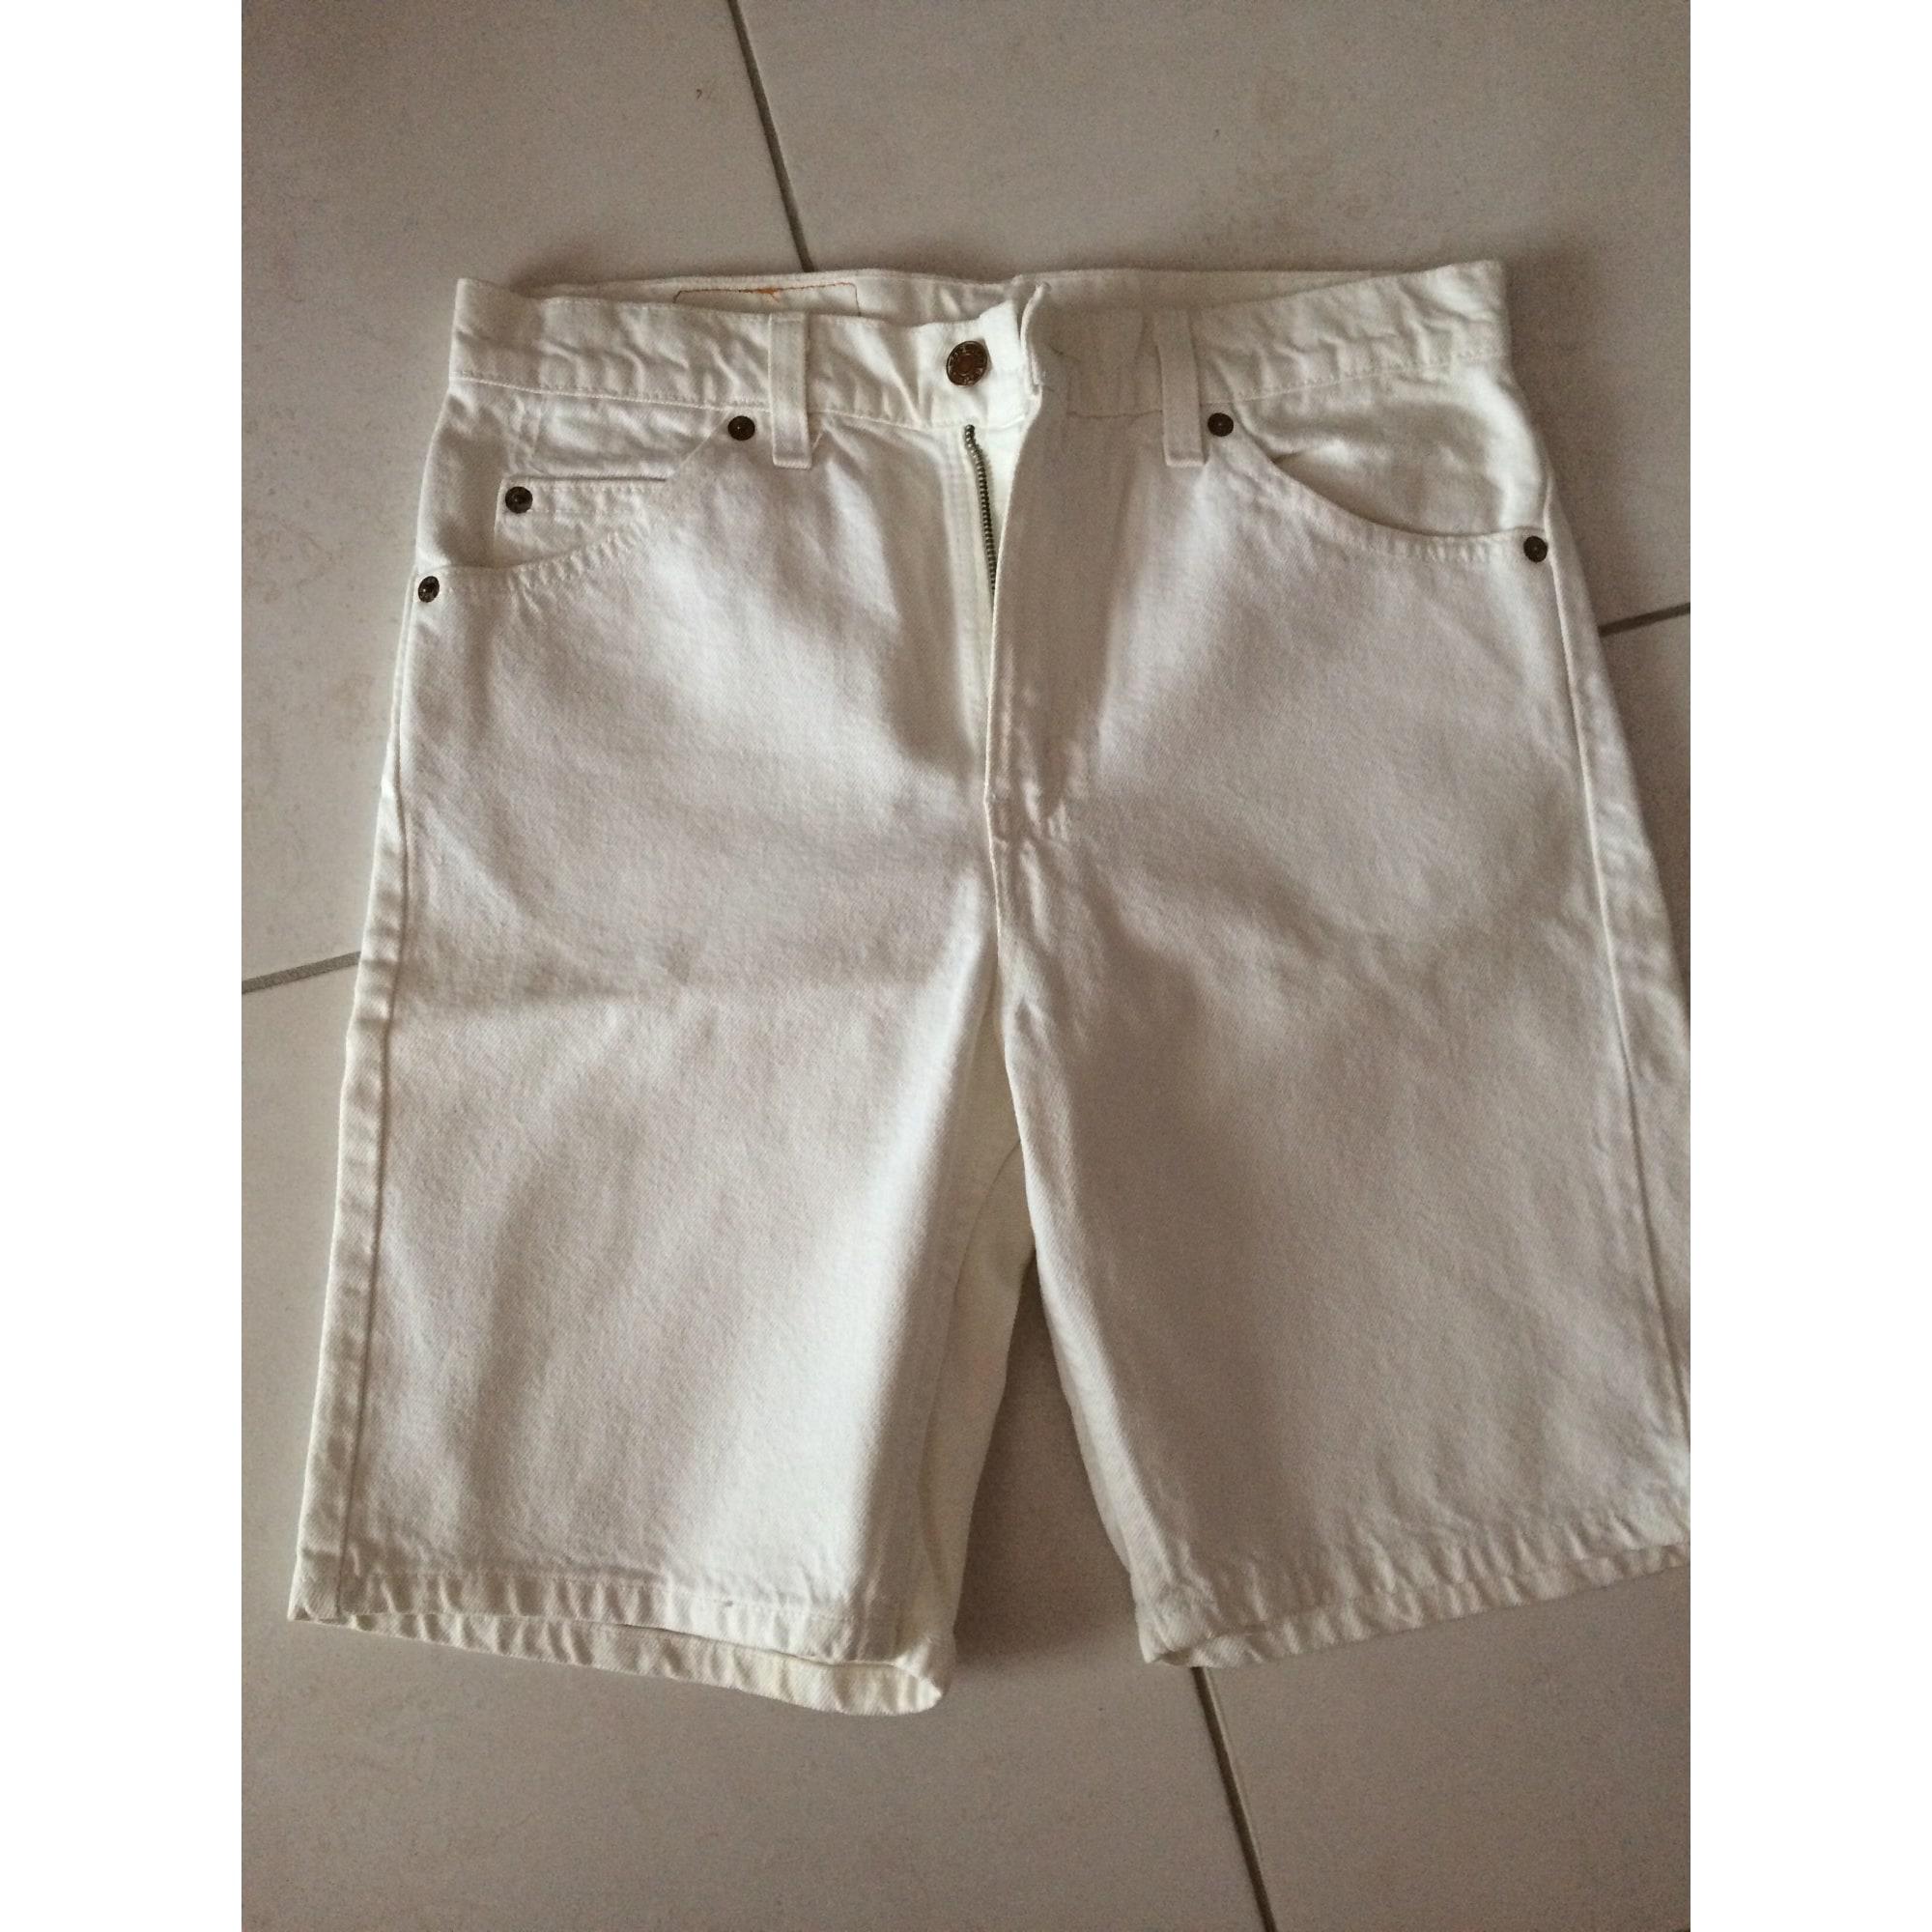 Straight-Cut Jeans  LEVI'S Weiß, elfenbeinfarben